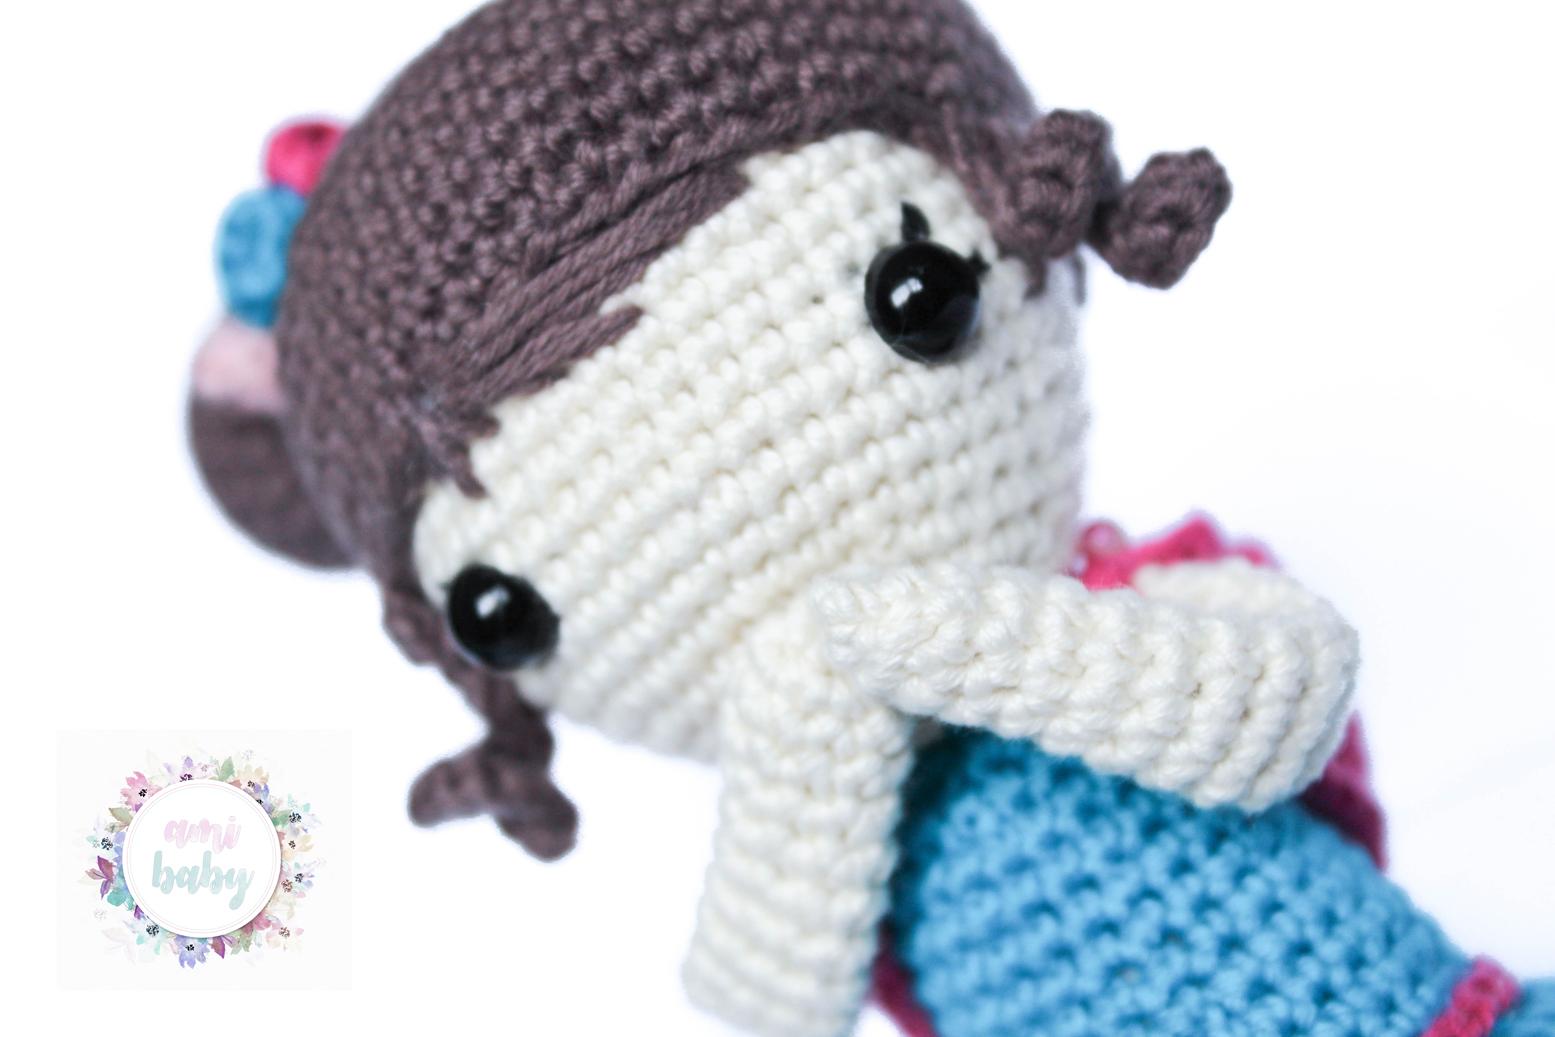 Muñeca Chloe: Patrón gratuito la crocheteria. - amibaby